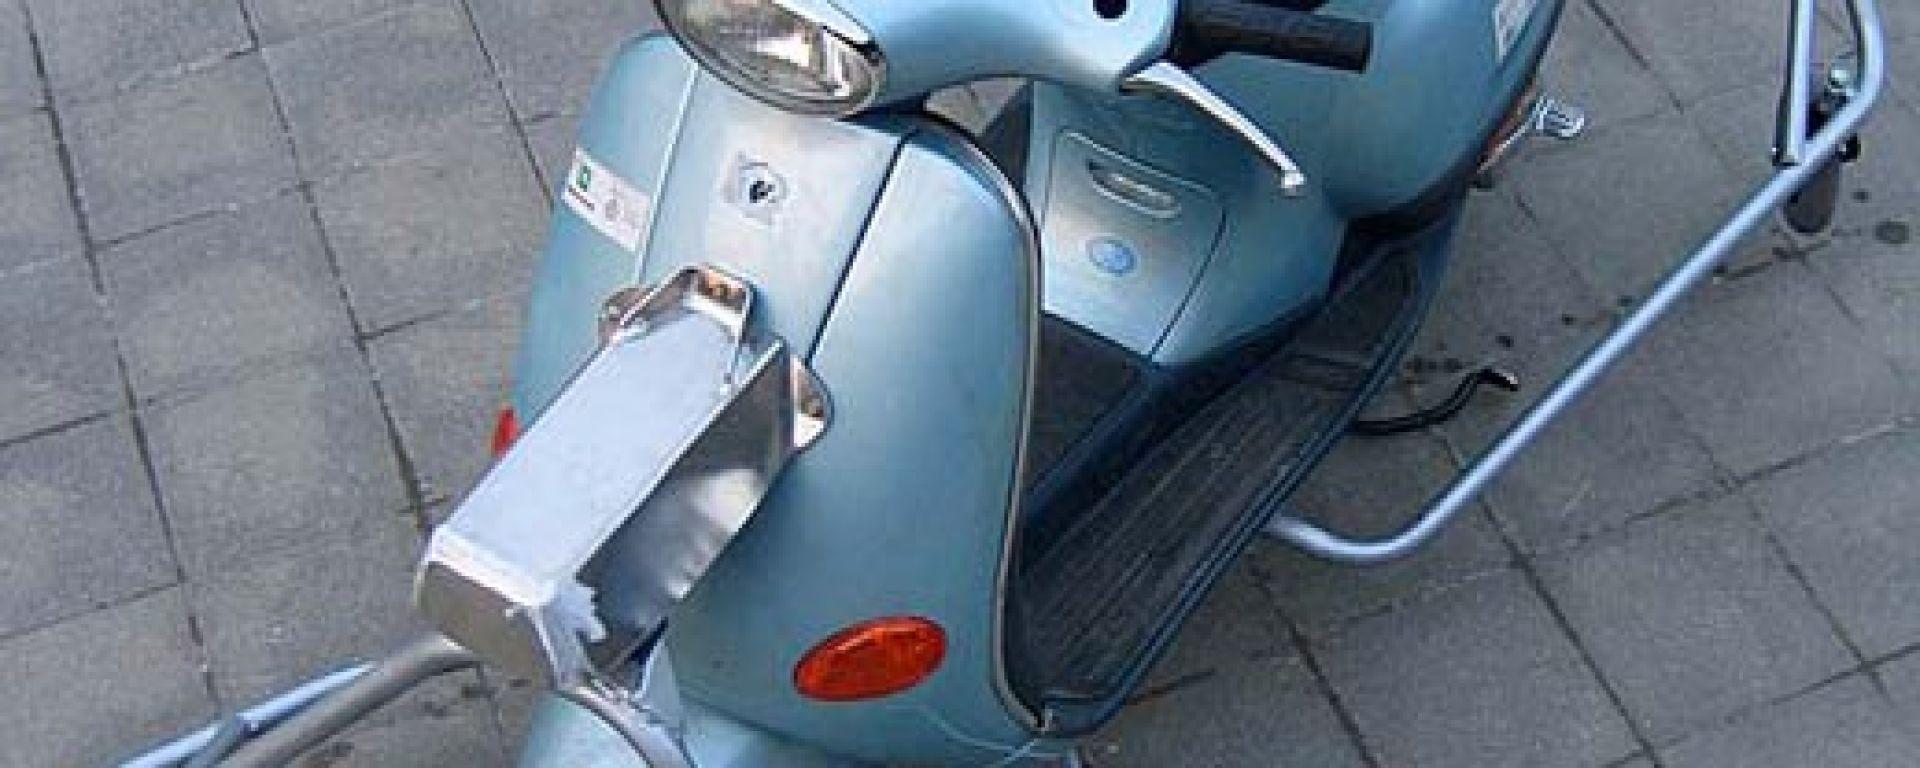 MS6: la moto a sei ruote